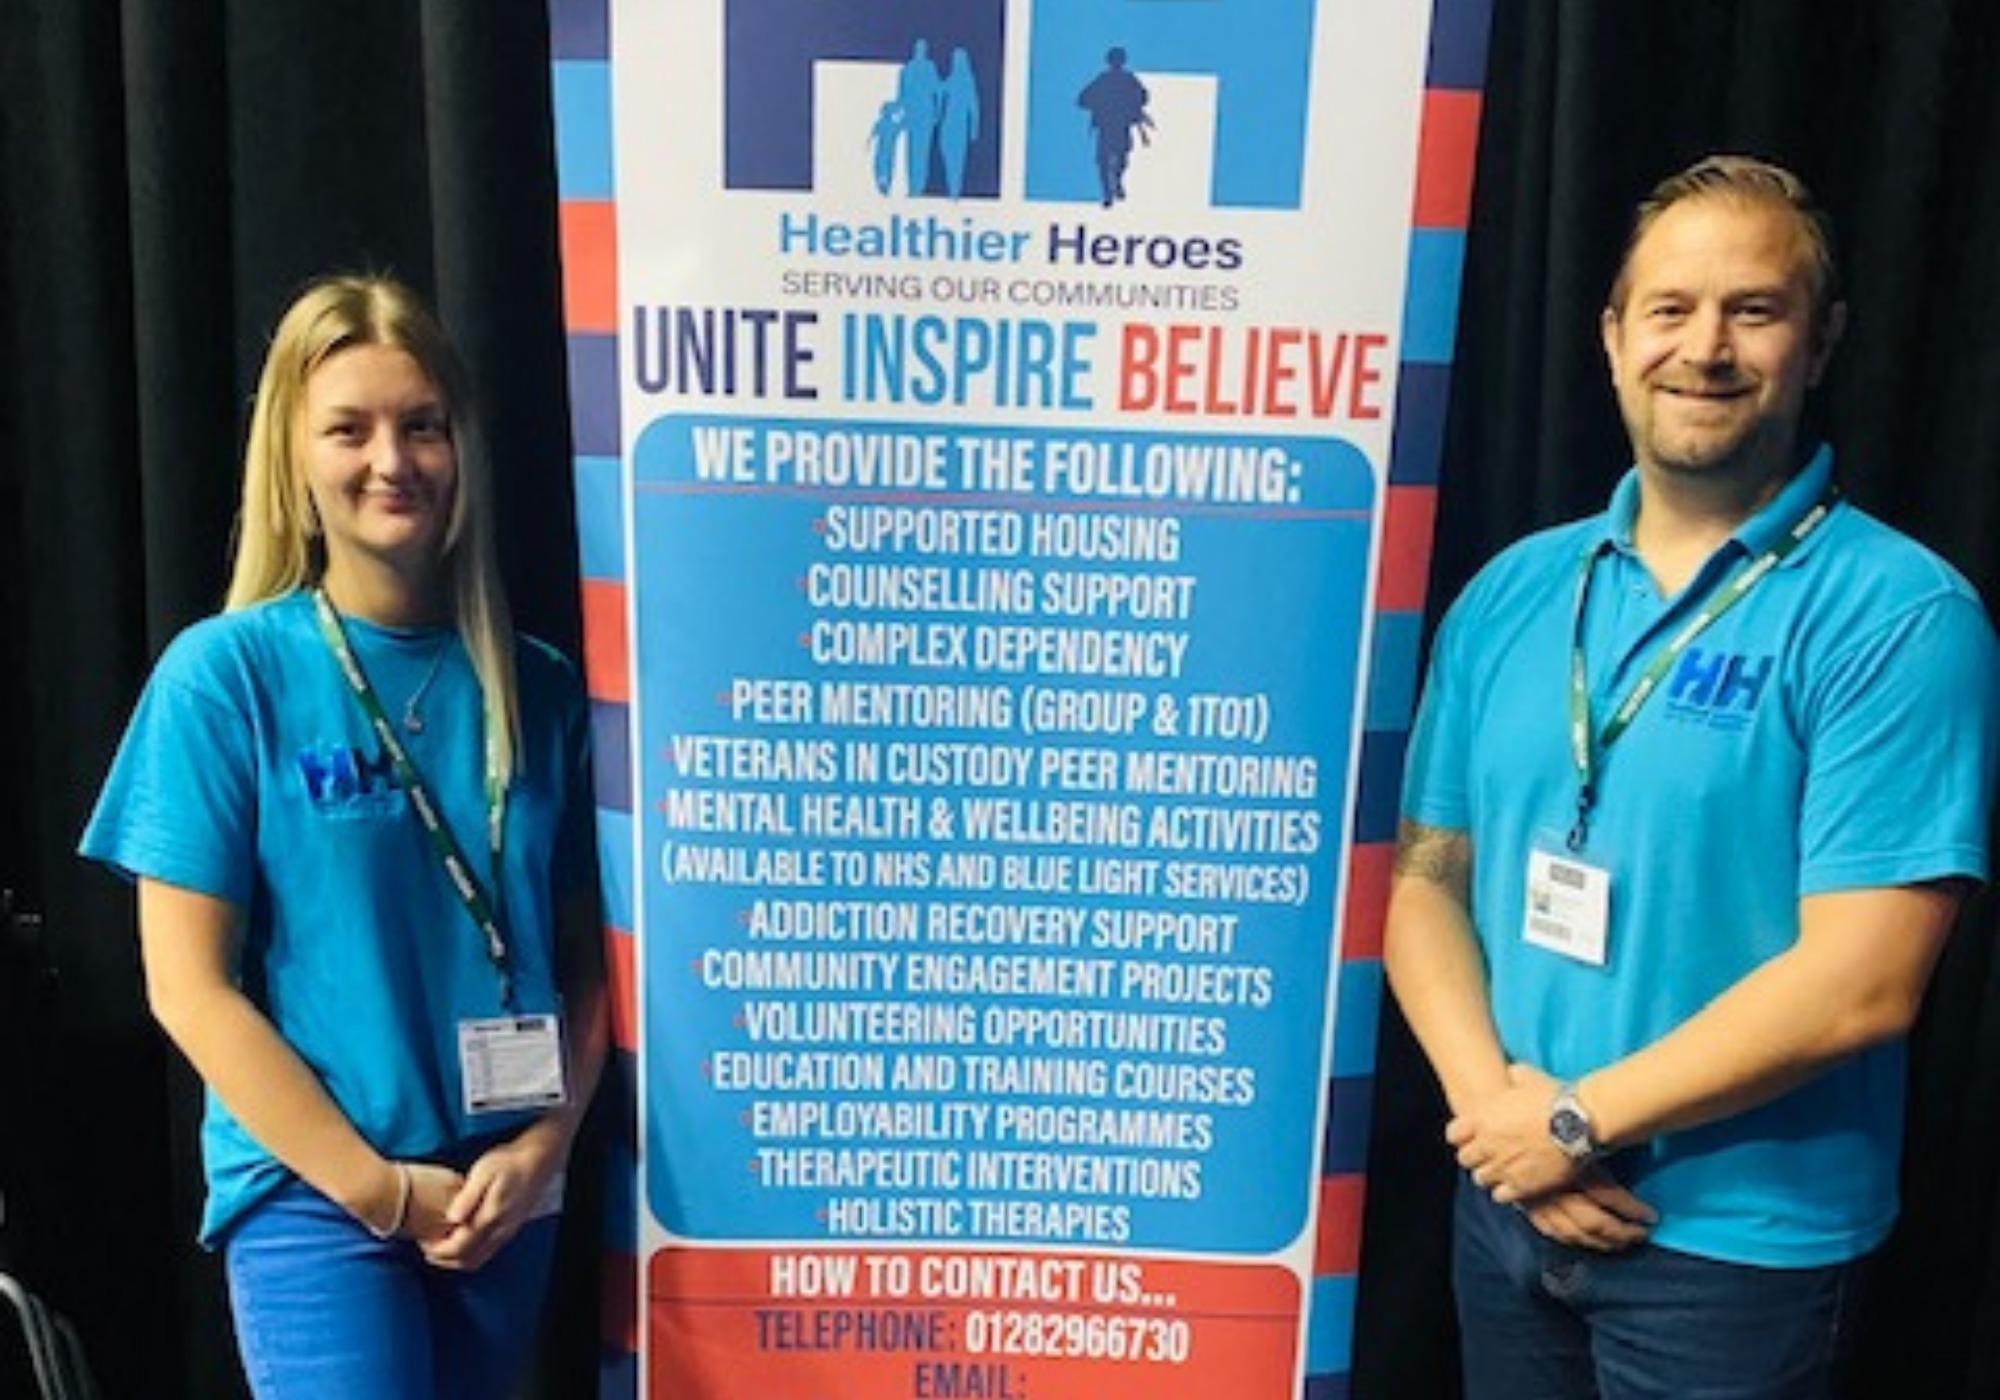 Mahasiswa Nelson dan Colne diberikan pengalaman langsung dalam perawatan kesehatan mental